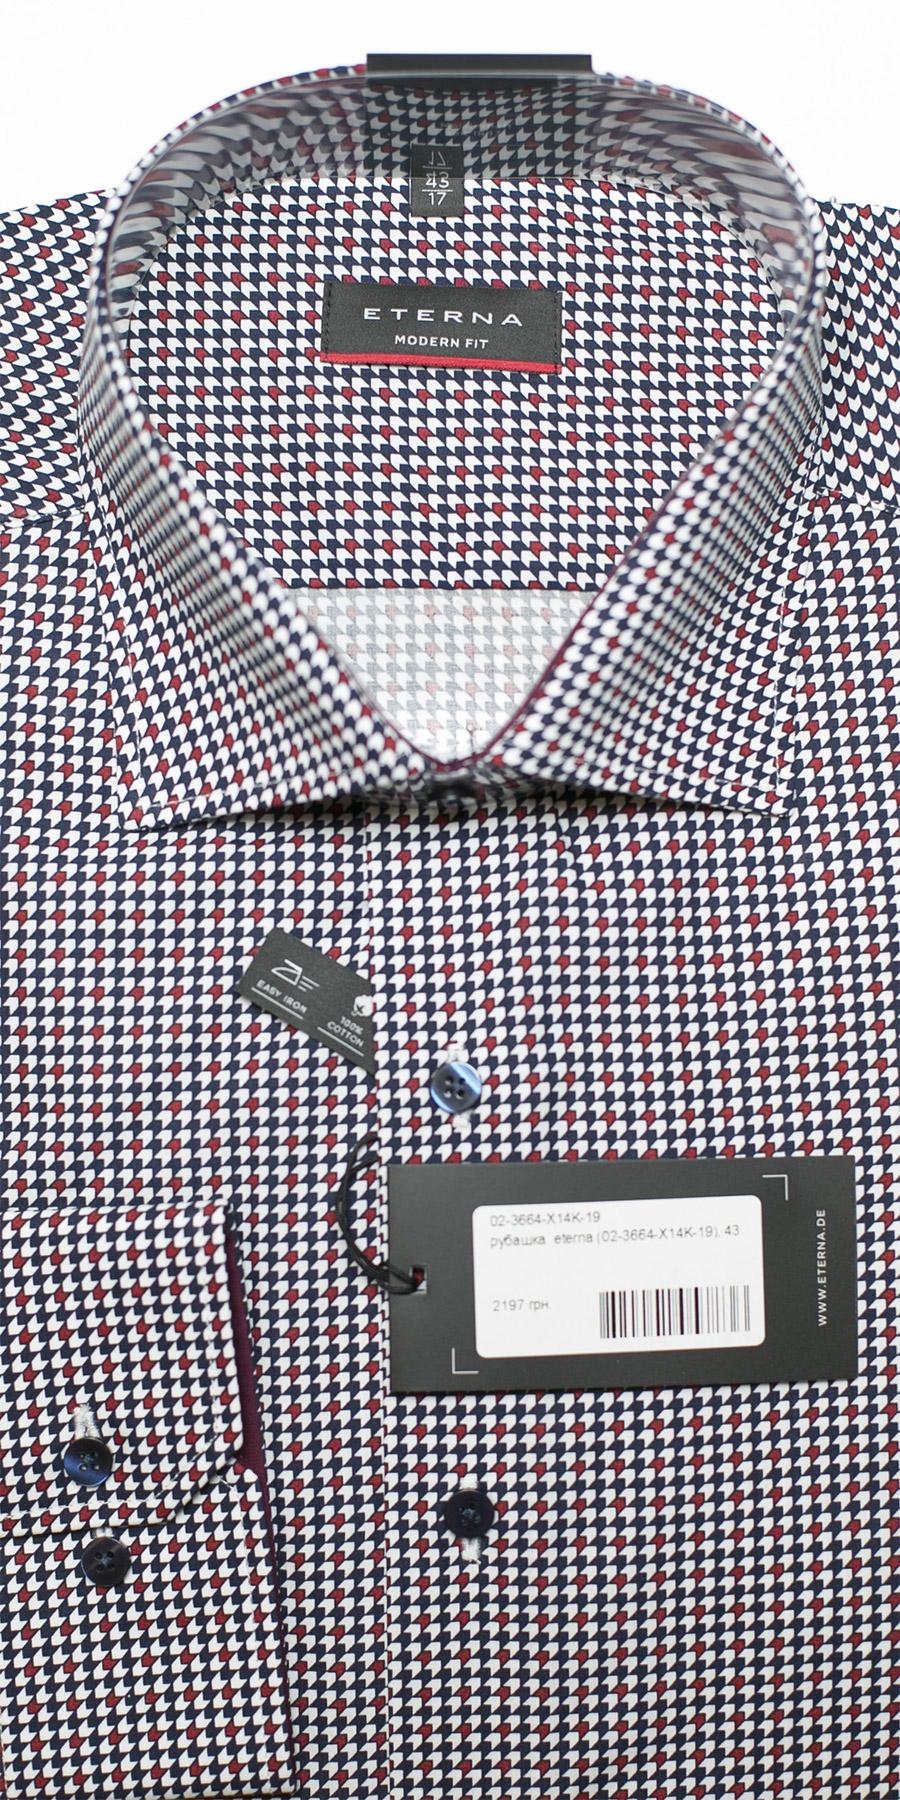 7aa8cc01287c117 Красная класическая рубашка с принтом 02-3664-X14K-19 - купить в  интернет-магазине Eterna в Украине